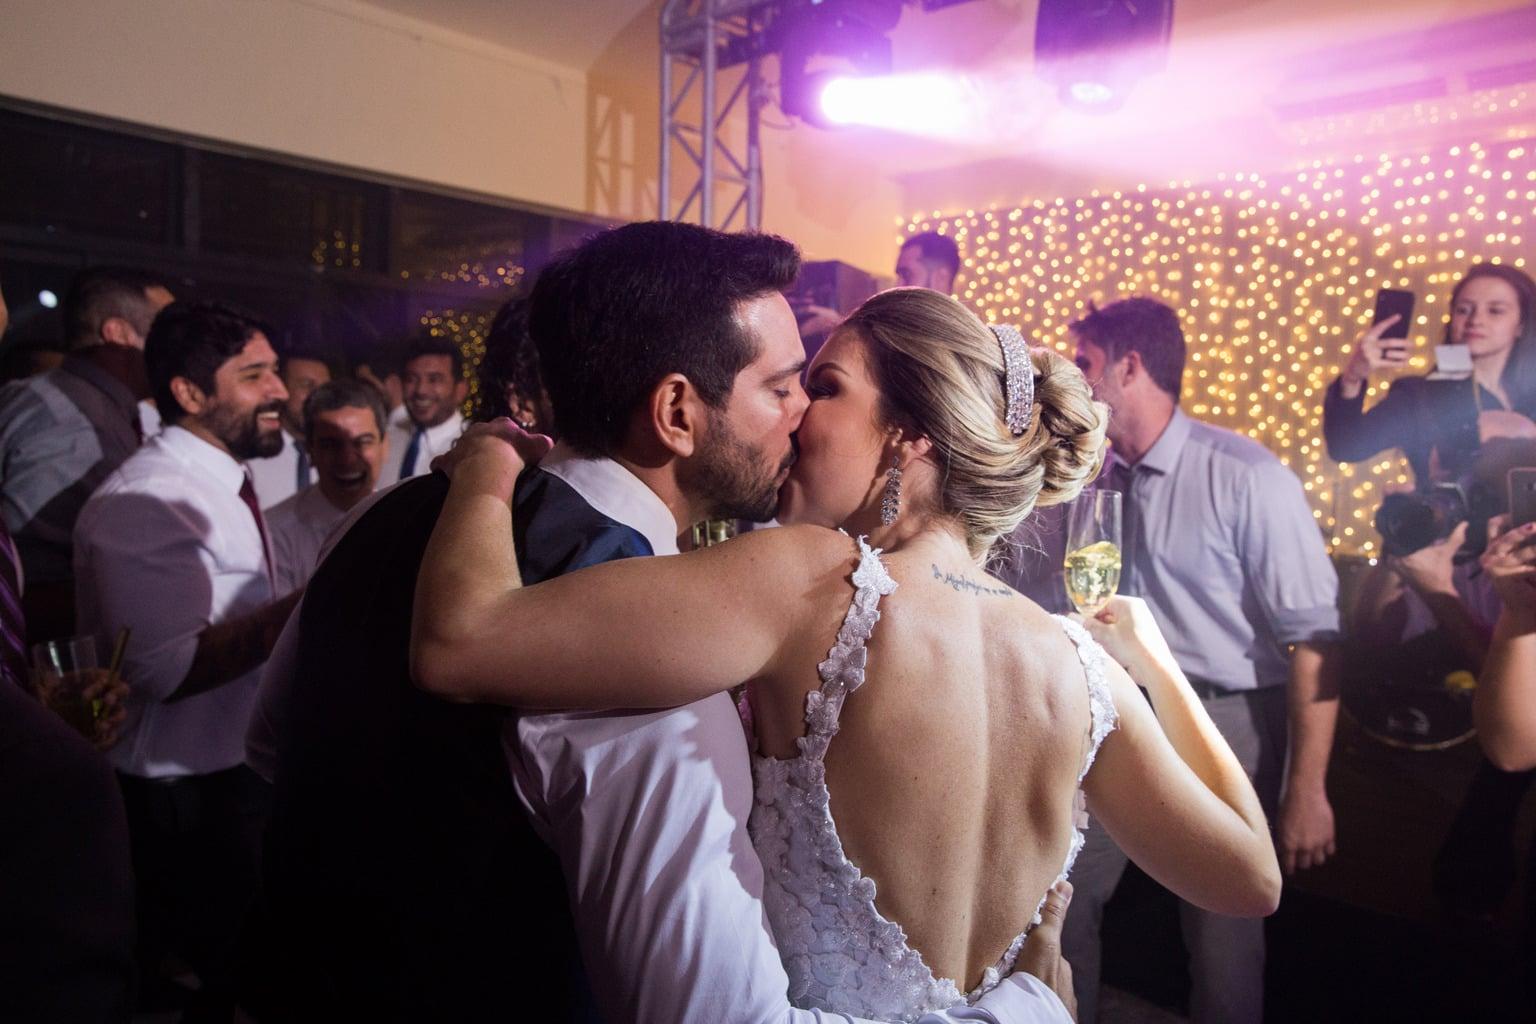 casamento-clássico-casamento-tradicional-rio-de-janeiro-niterói-Fotografia-Giovani-Garcia-casamento-Cássia-e-Daniel-25-1